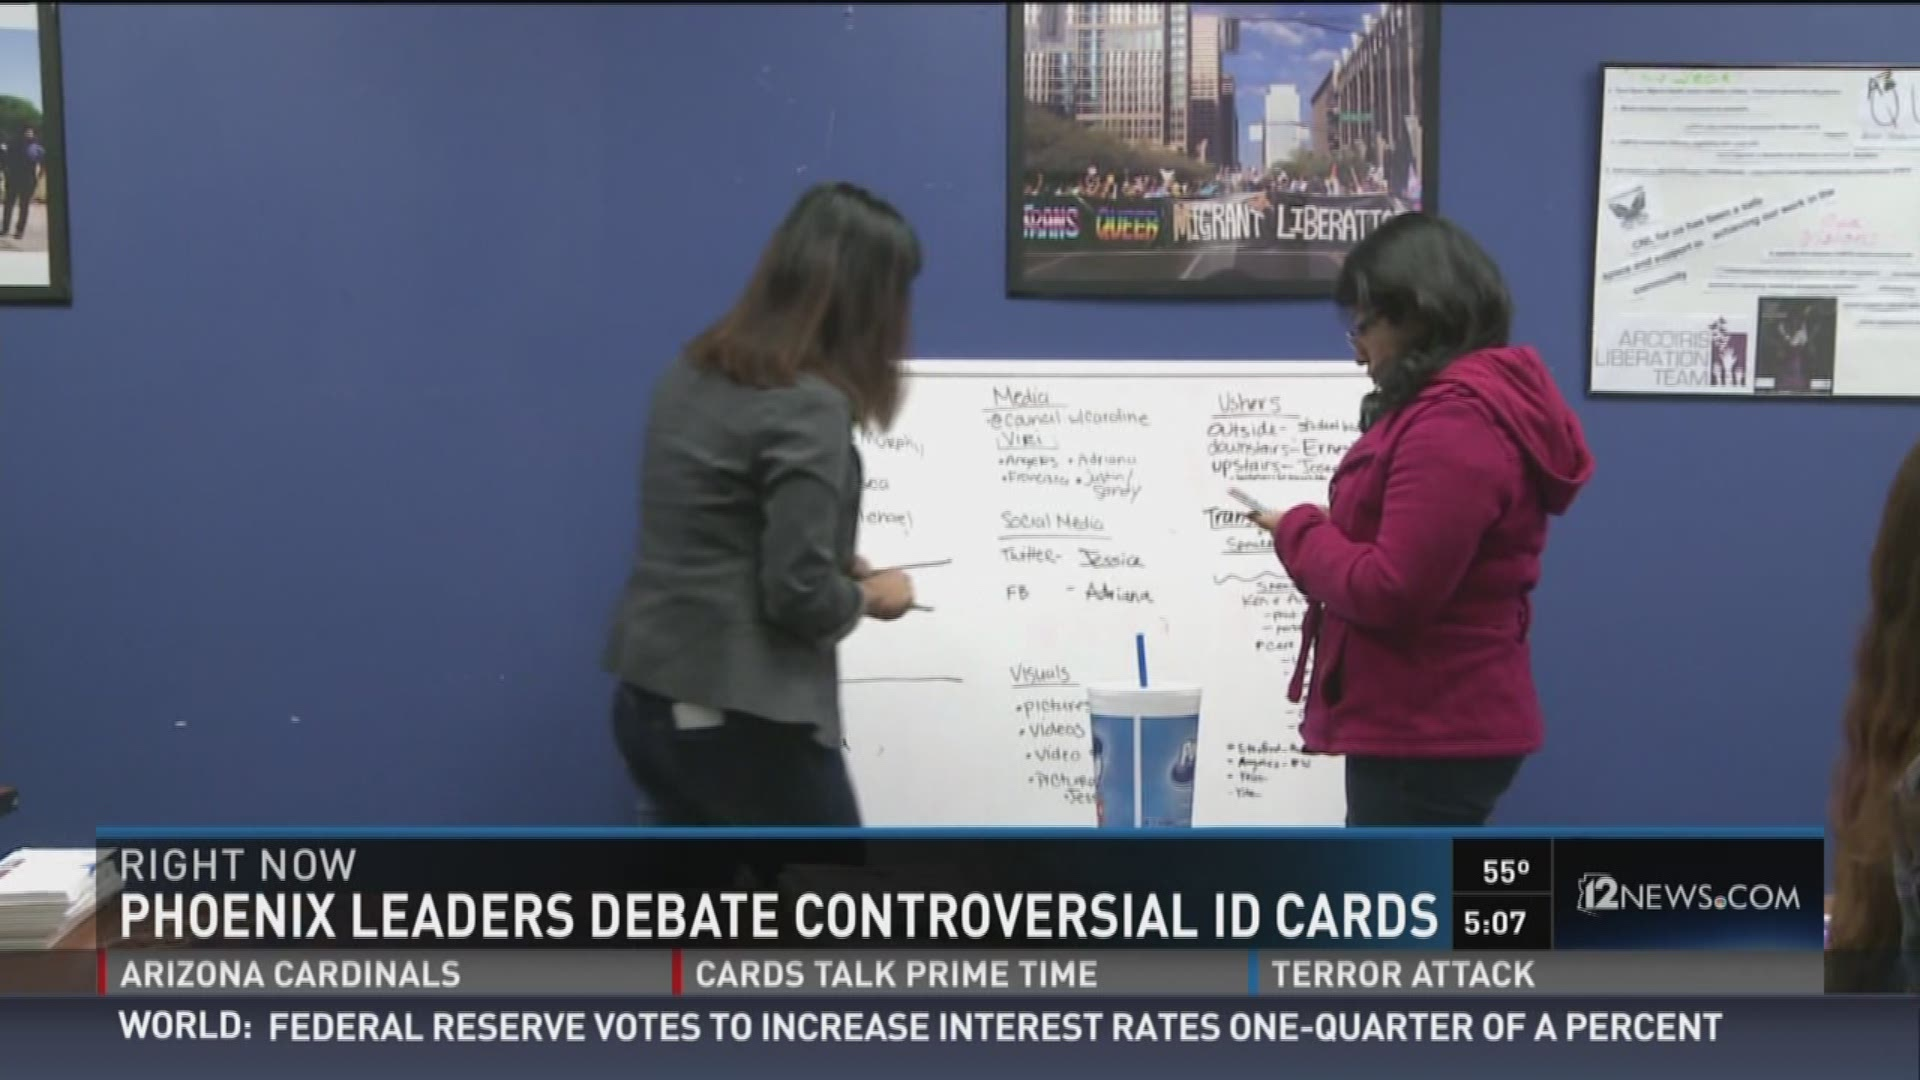 Phoenix leaders debate controversial ID cards